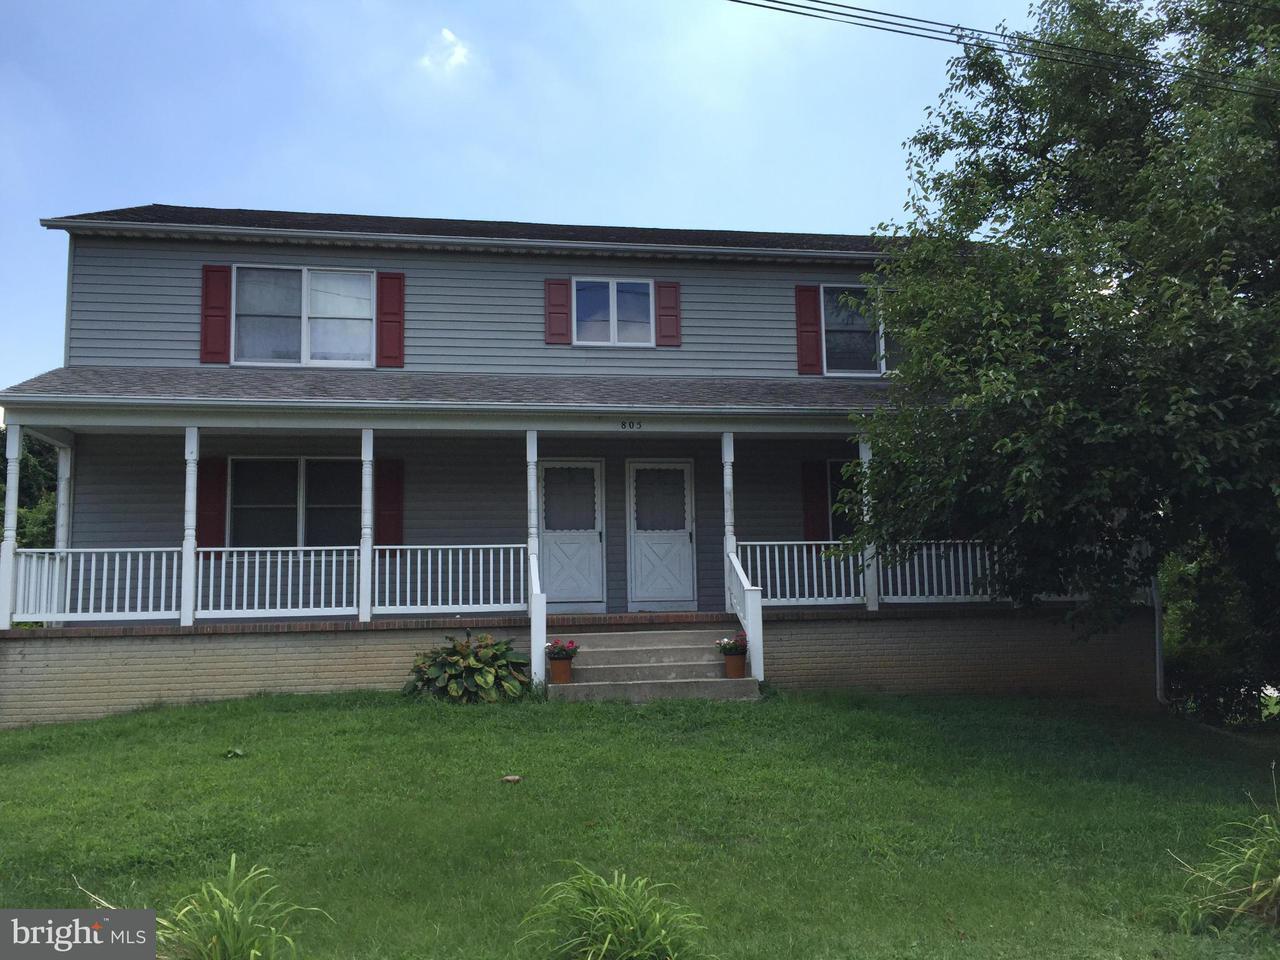 Einfamilienhaus für Verkauf beim 805 CAMP MEADE RD S 805 CAMP MEADE RD S Linthicum Heights, Maryland 21090 Vereinigte Staaten